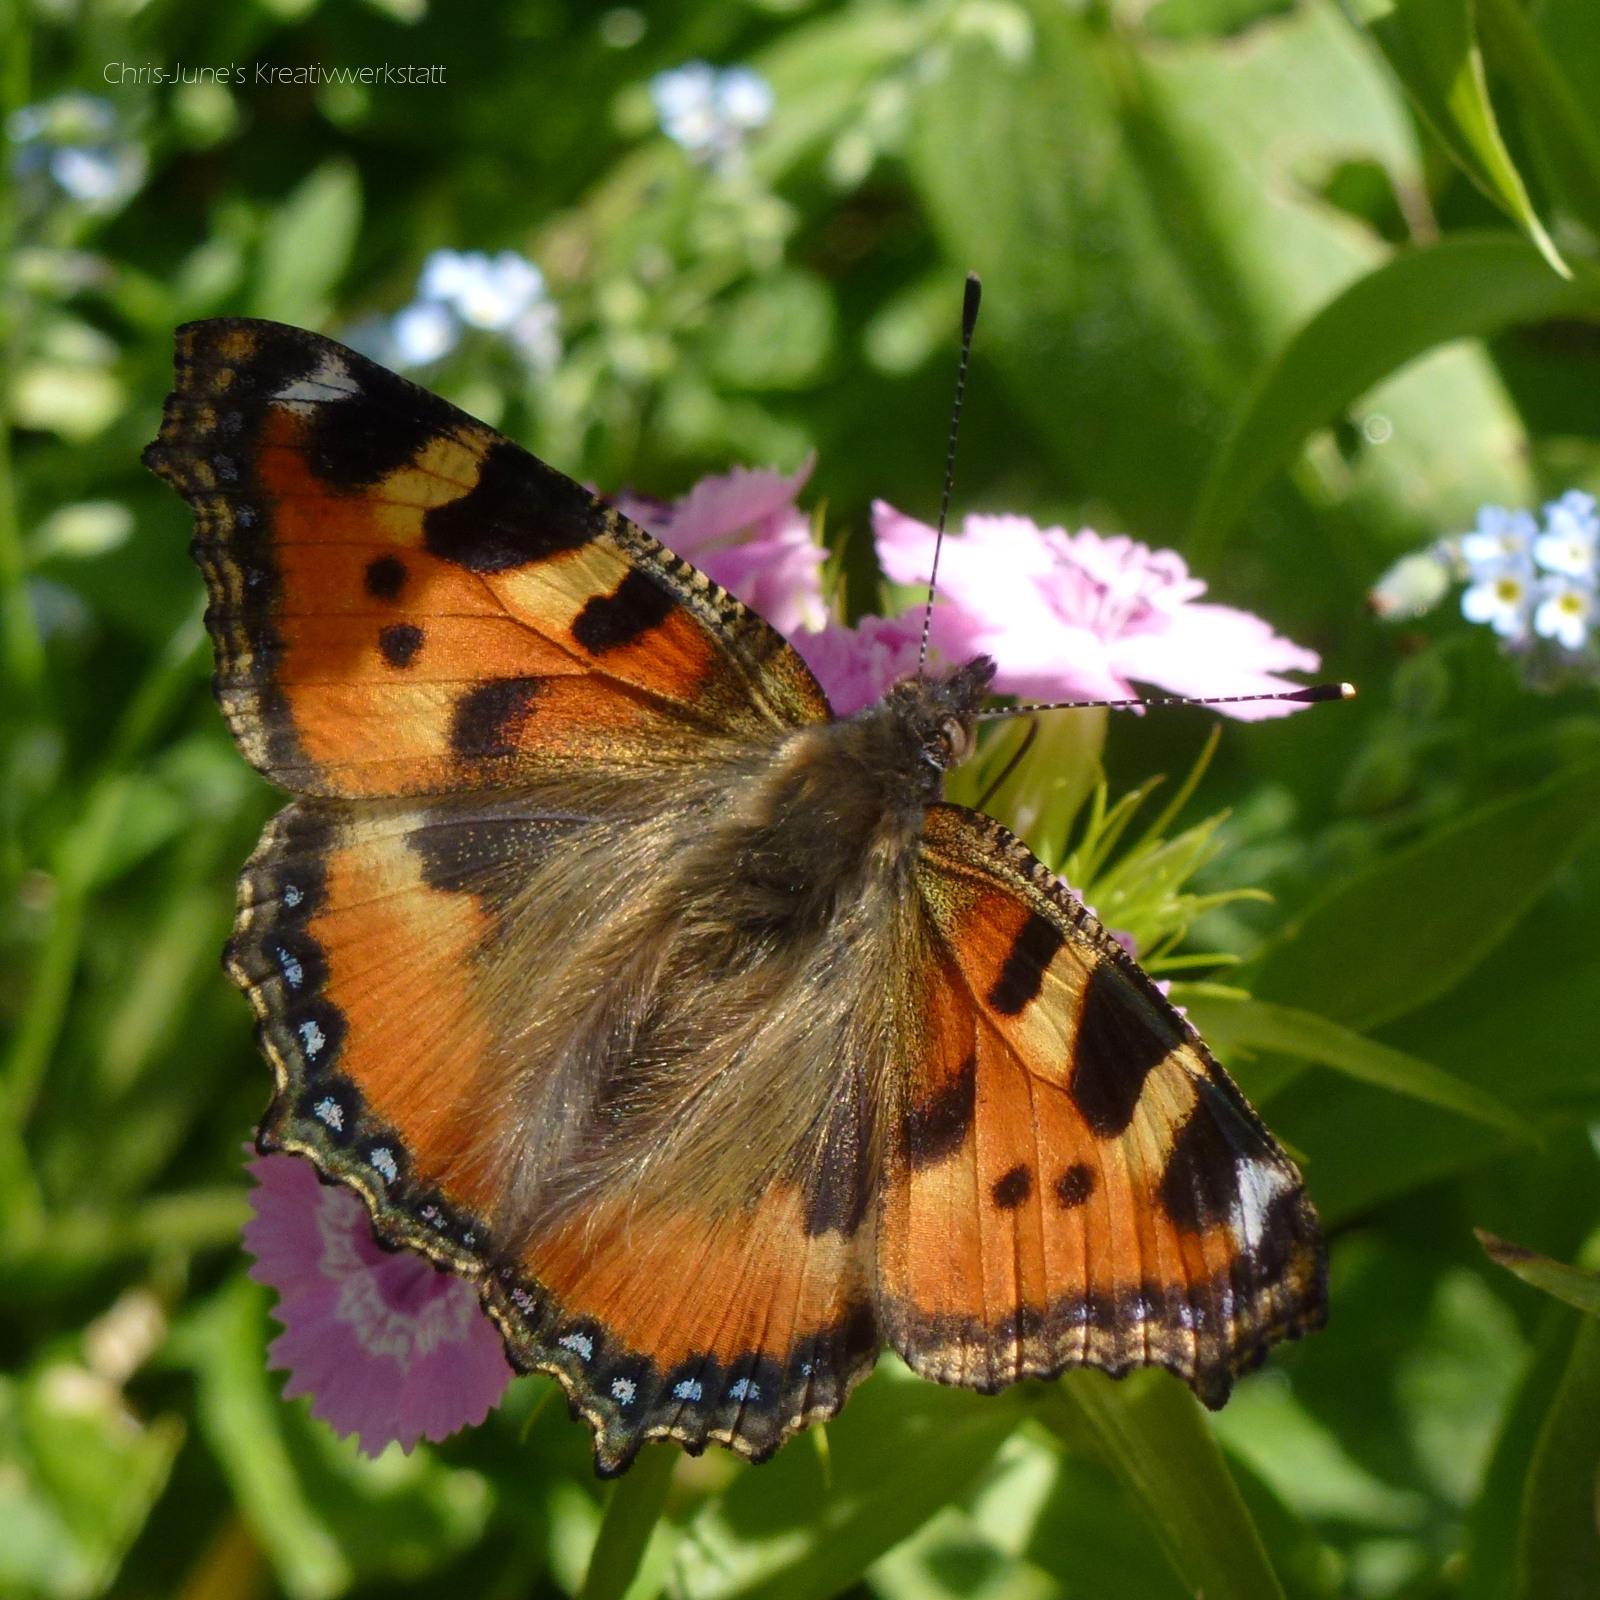 Kleiner Fuchs, Schmetterling